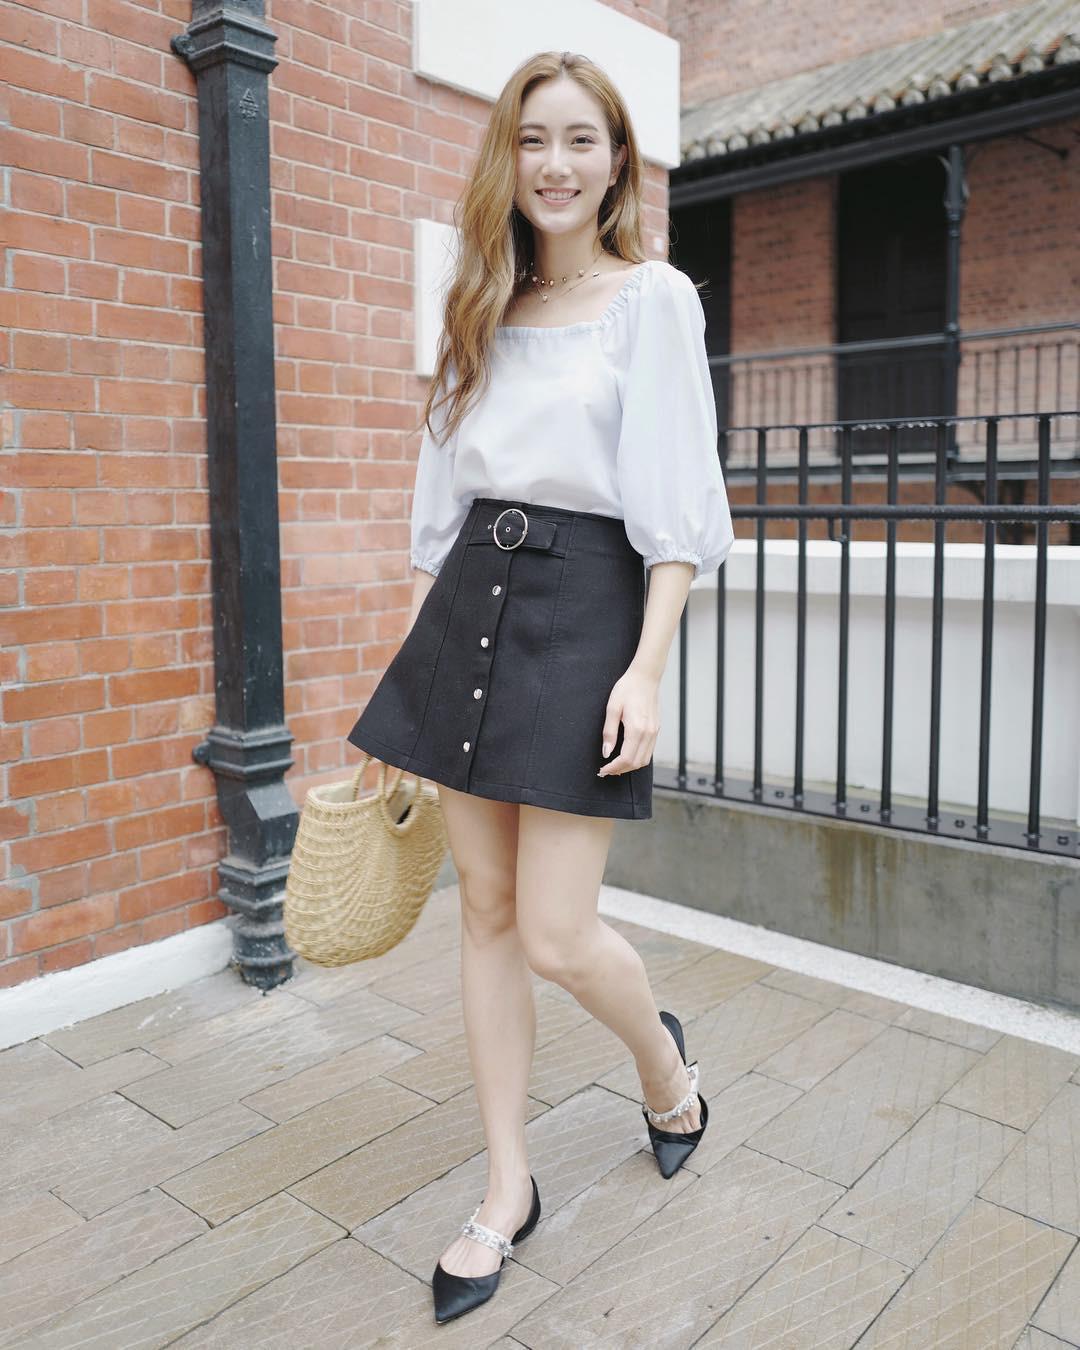 Chân váy ngắn vừa giúp che khuyết điểm chân to lại giúp bạn gái năng động hơn